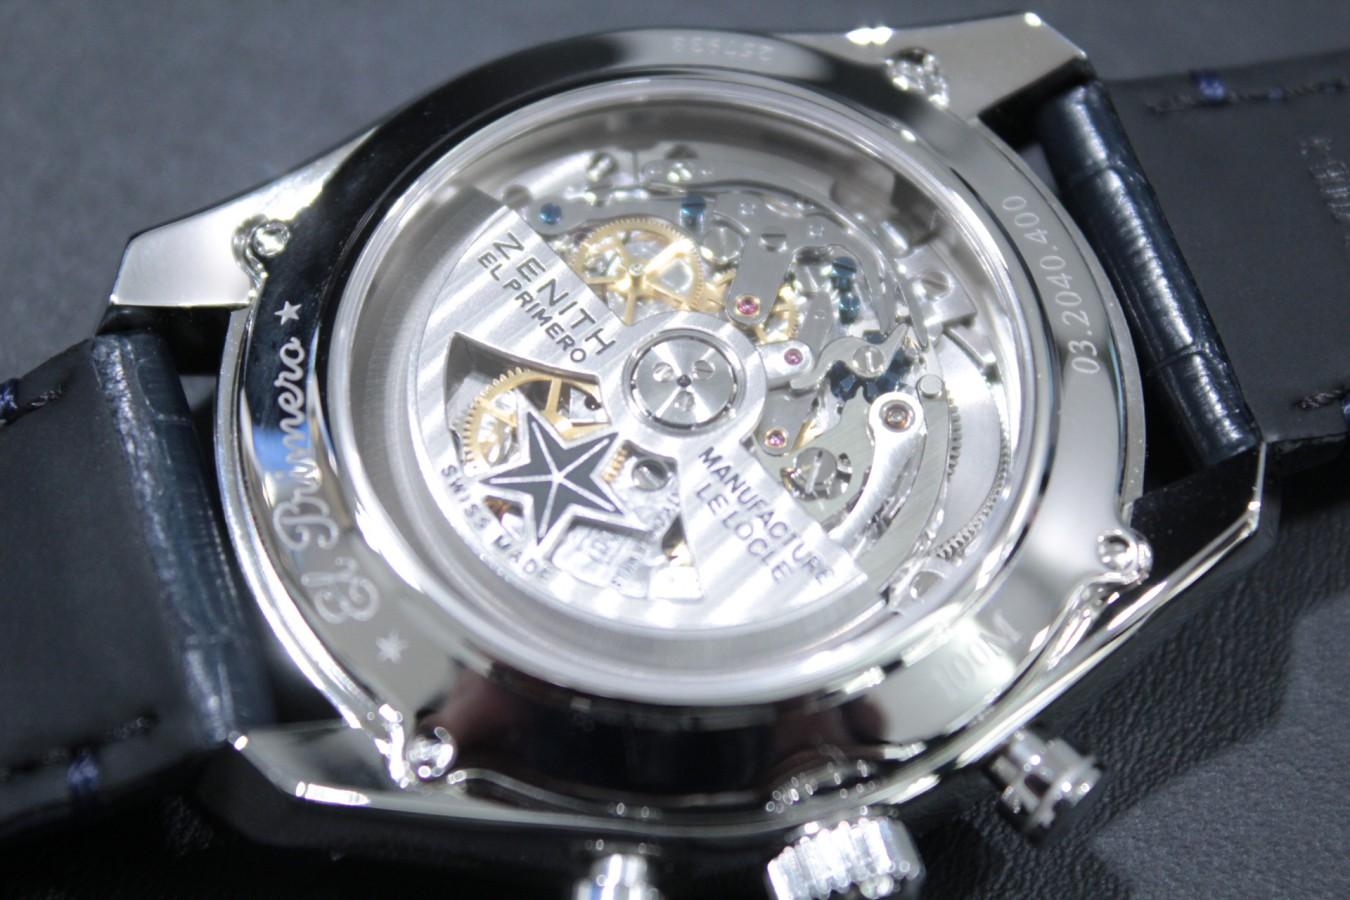 IMG_6281 ブルーダイヤルとマルチカラーが織りなす美しいコントラスト【エル・プリメロ 42mm】 - CHRONOMASTER